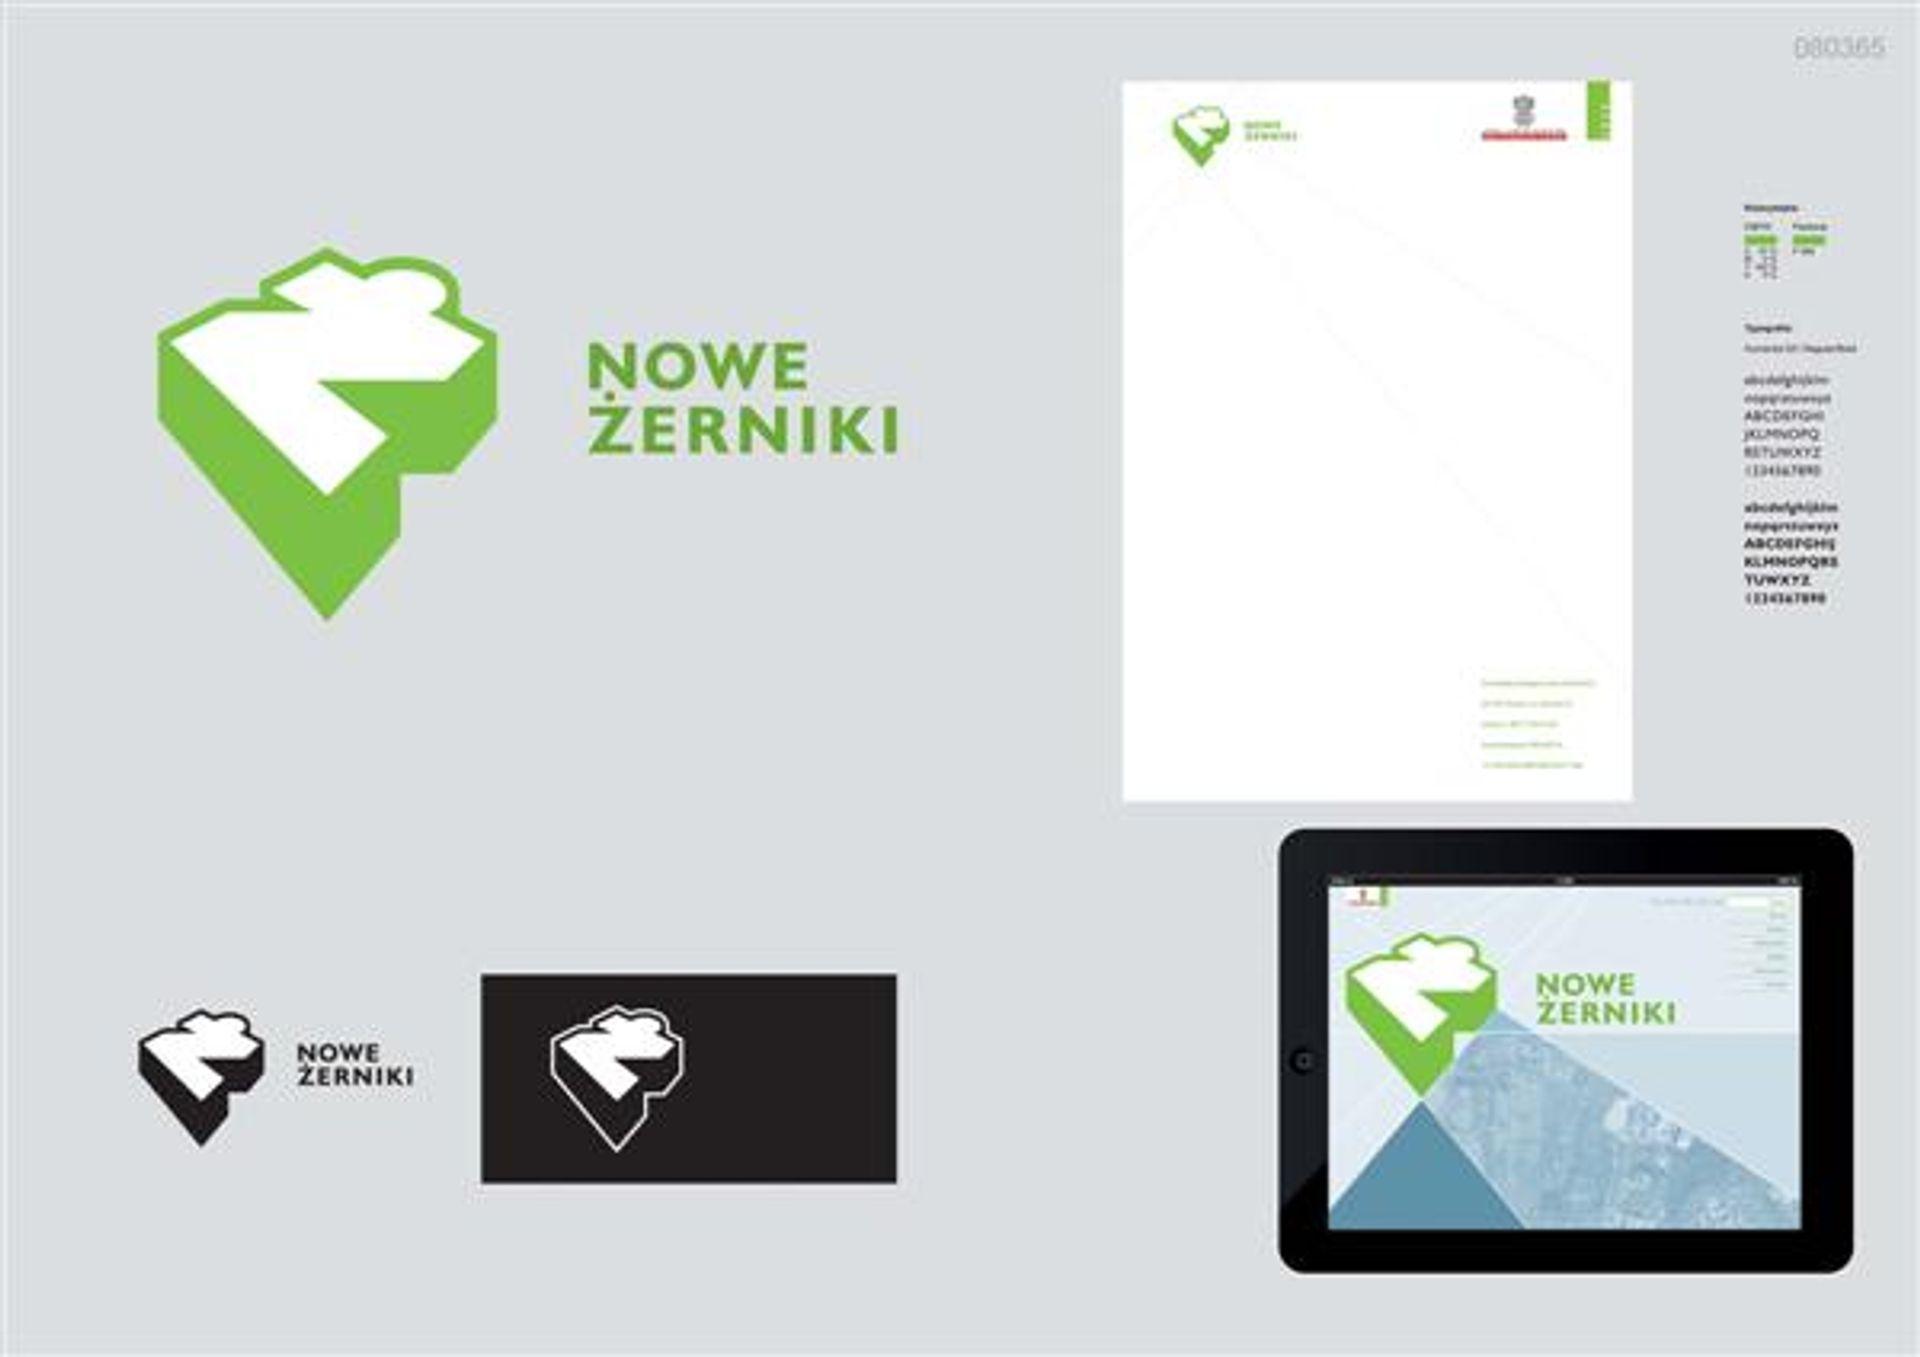 [Wrocław] Wiemy jaką nazwę będzie nosiło nowe wzorcowe osiedle mieszkaniowe na Żernikach